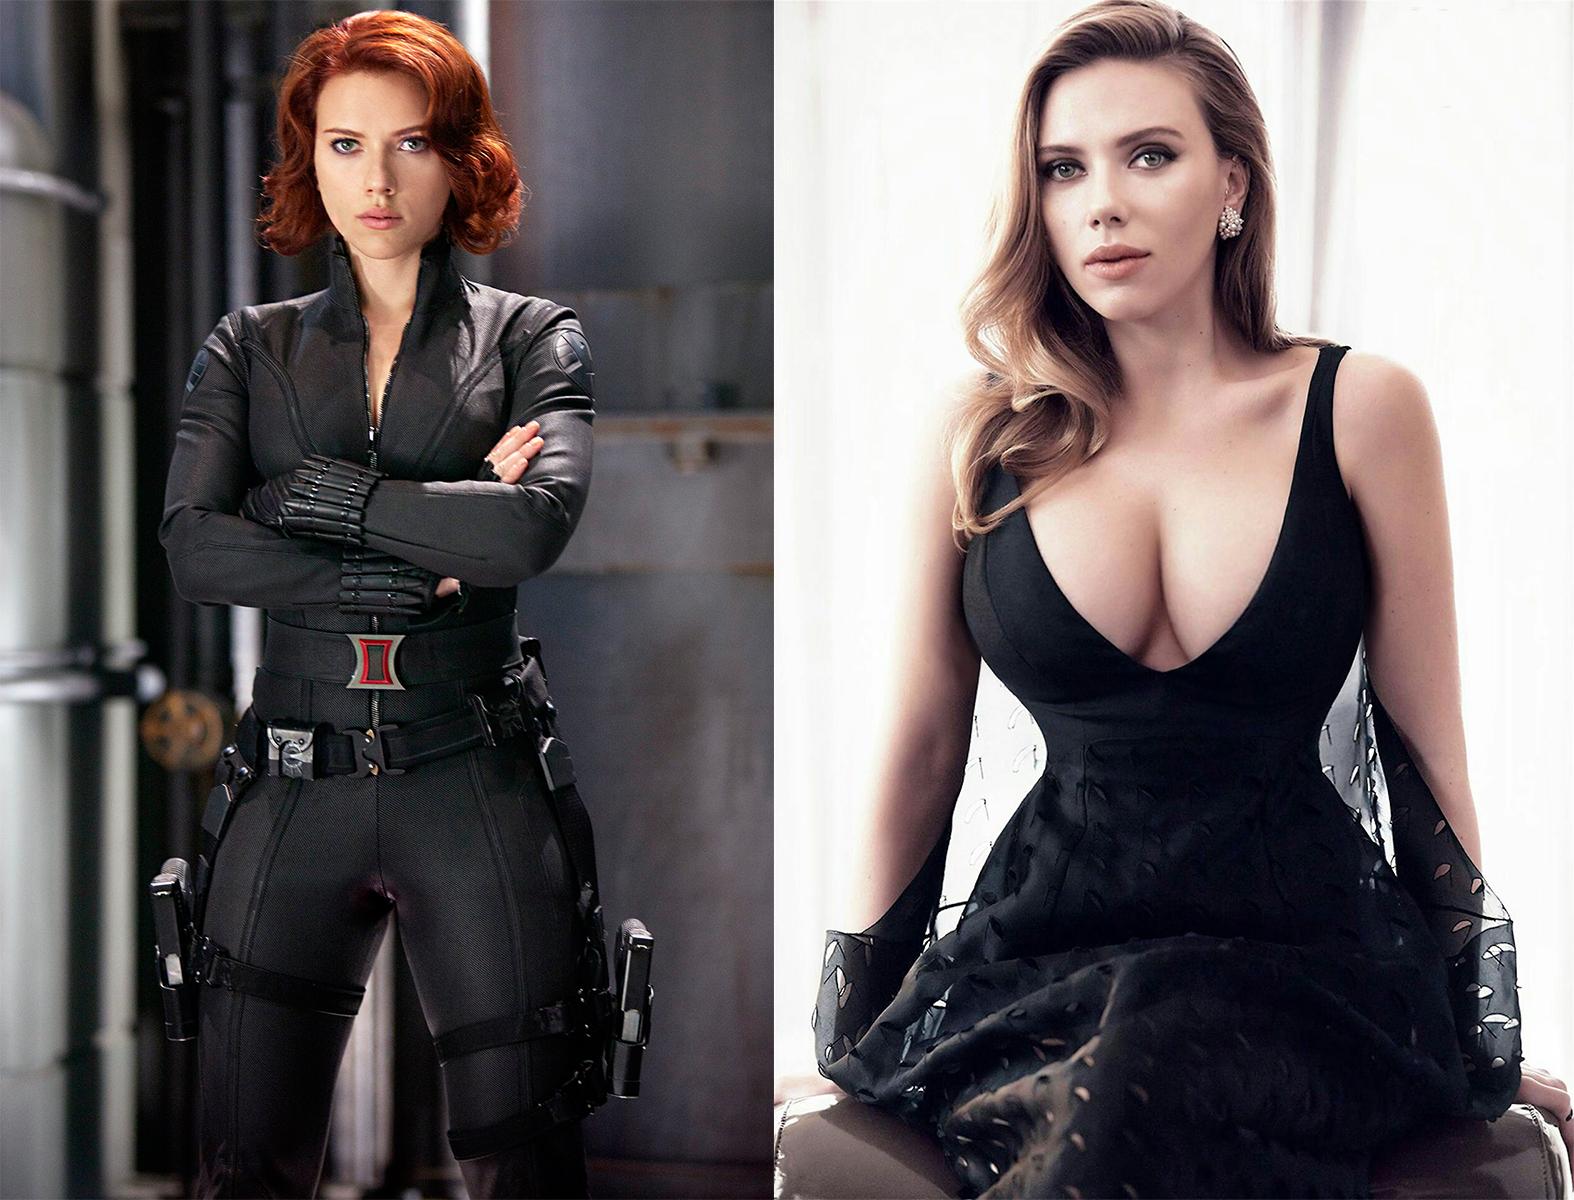 cewek seksi dan manis Superhero manis dan seksi Scarlett Johansson